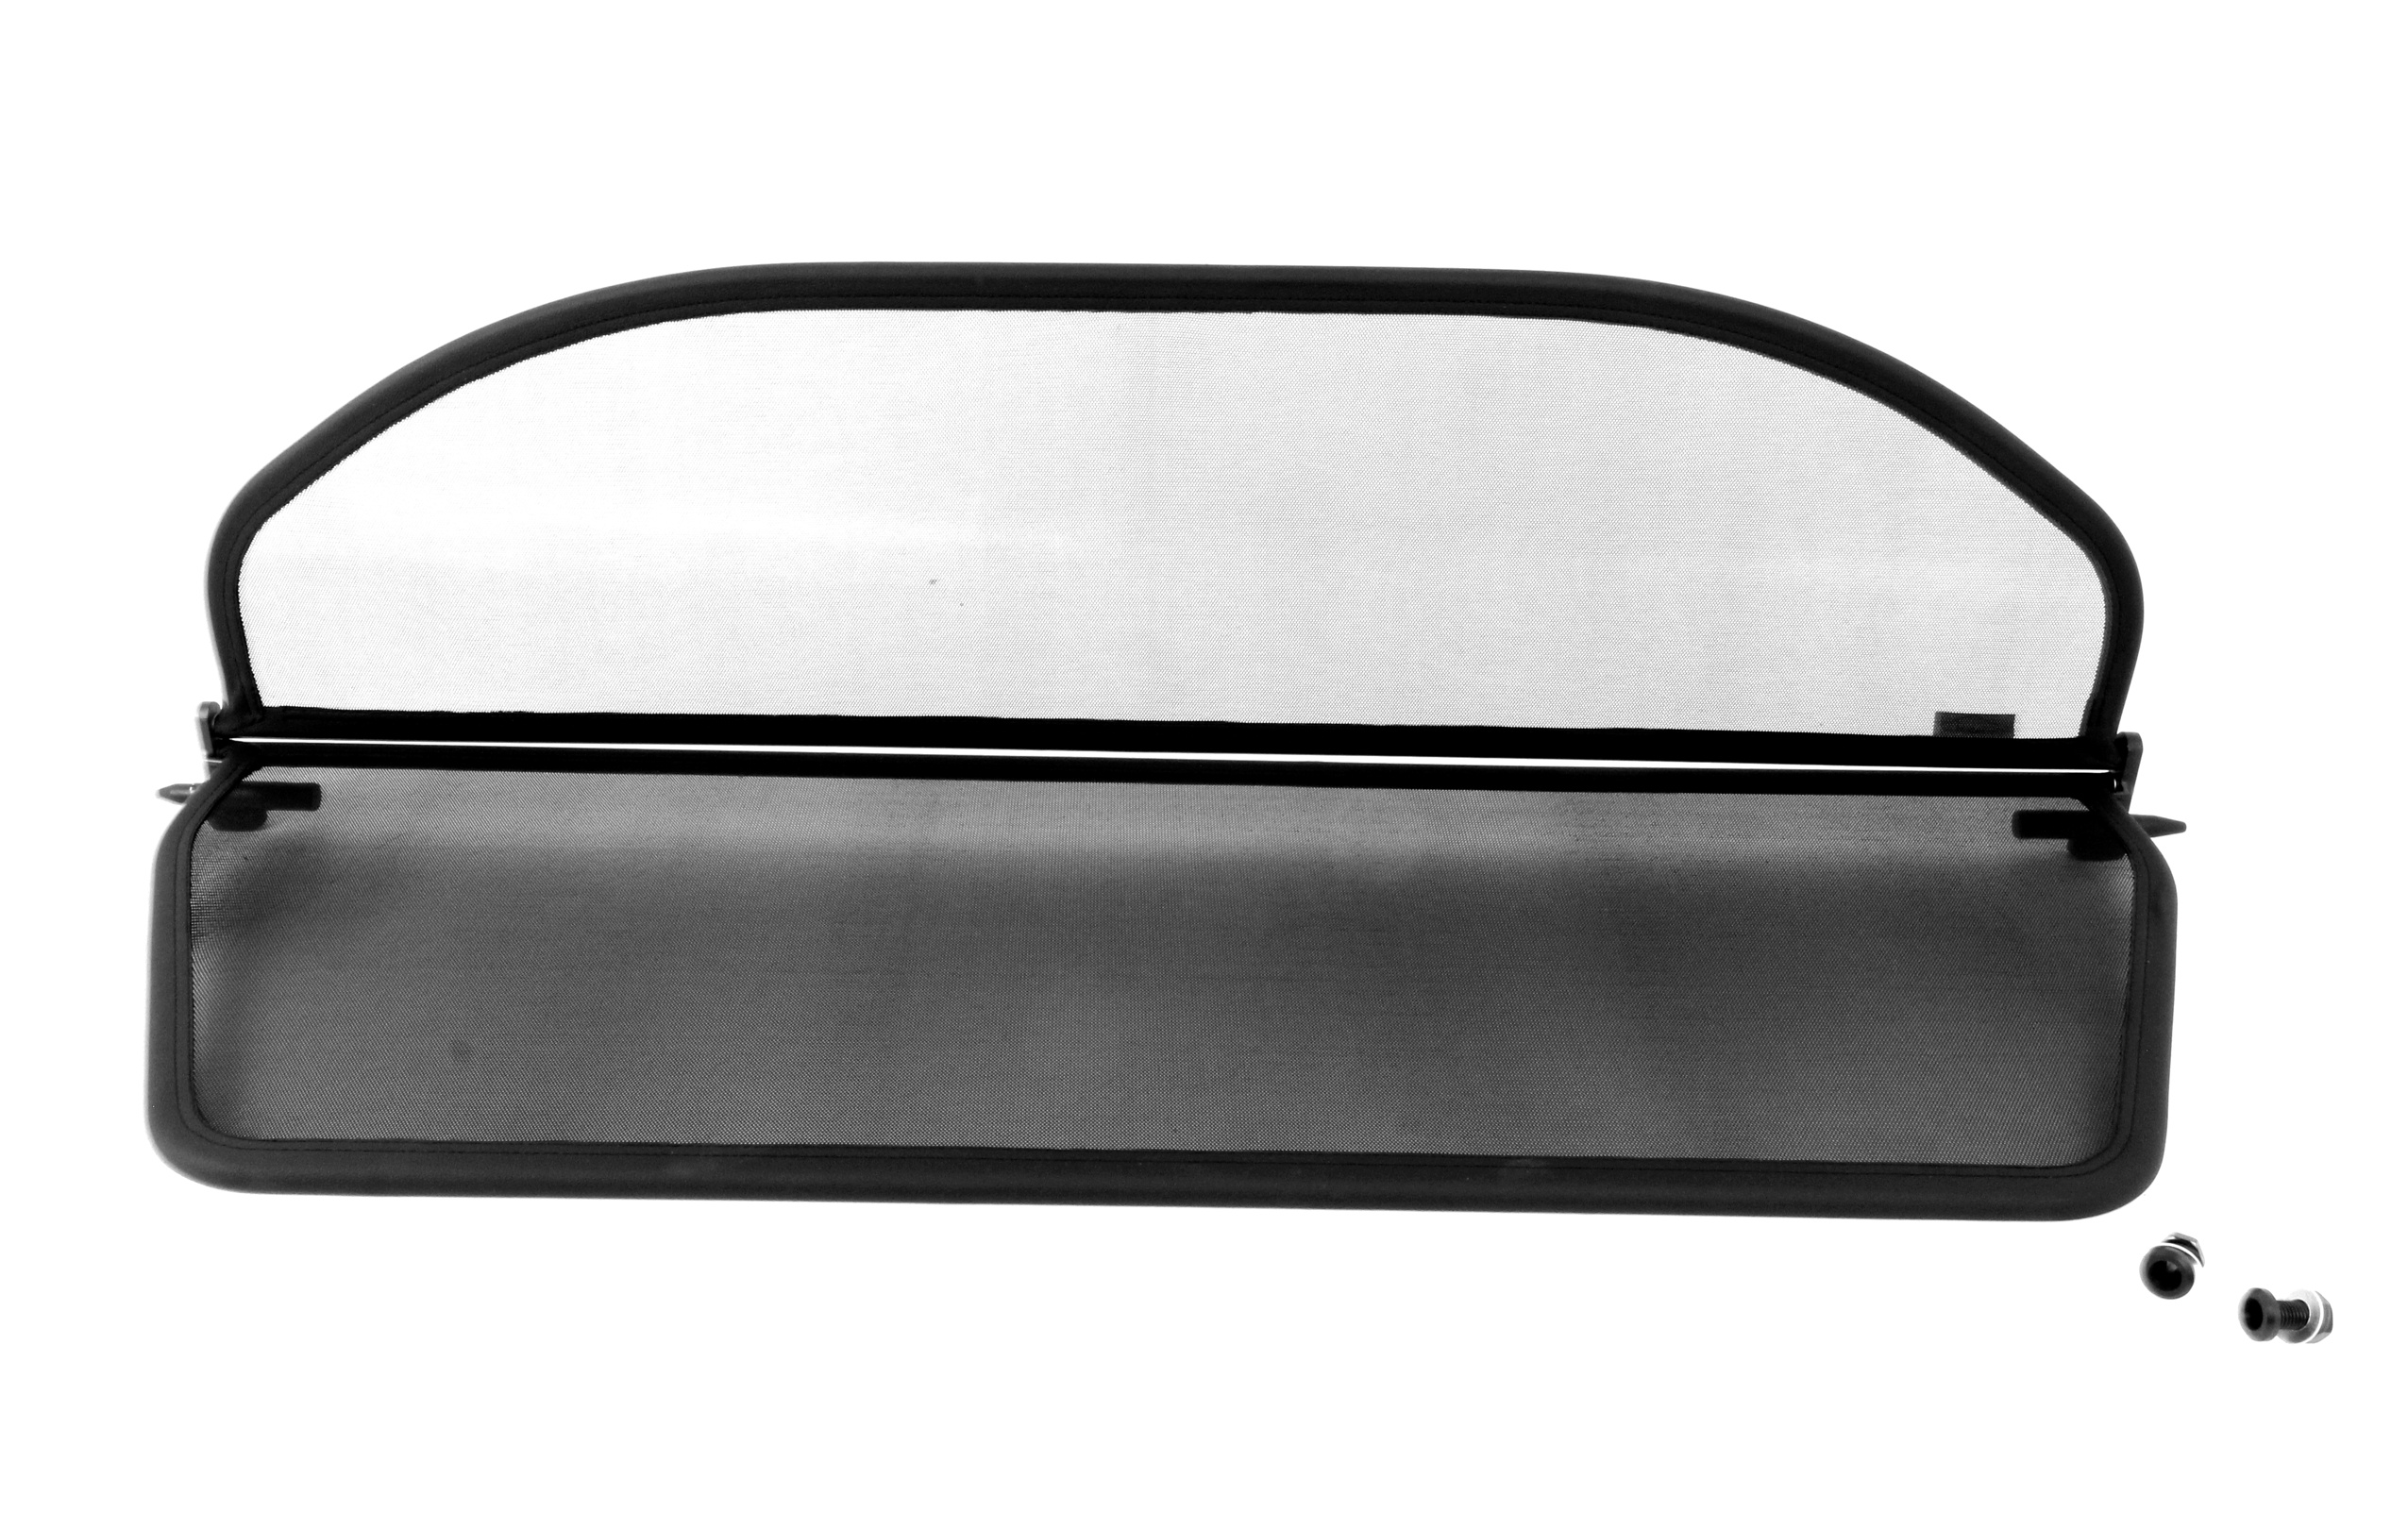 Deflector Viento para Lexus Es Es 250c desde Bj 2009-2013 con Cierre Rápido